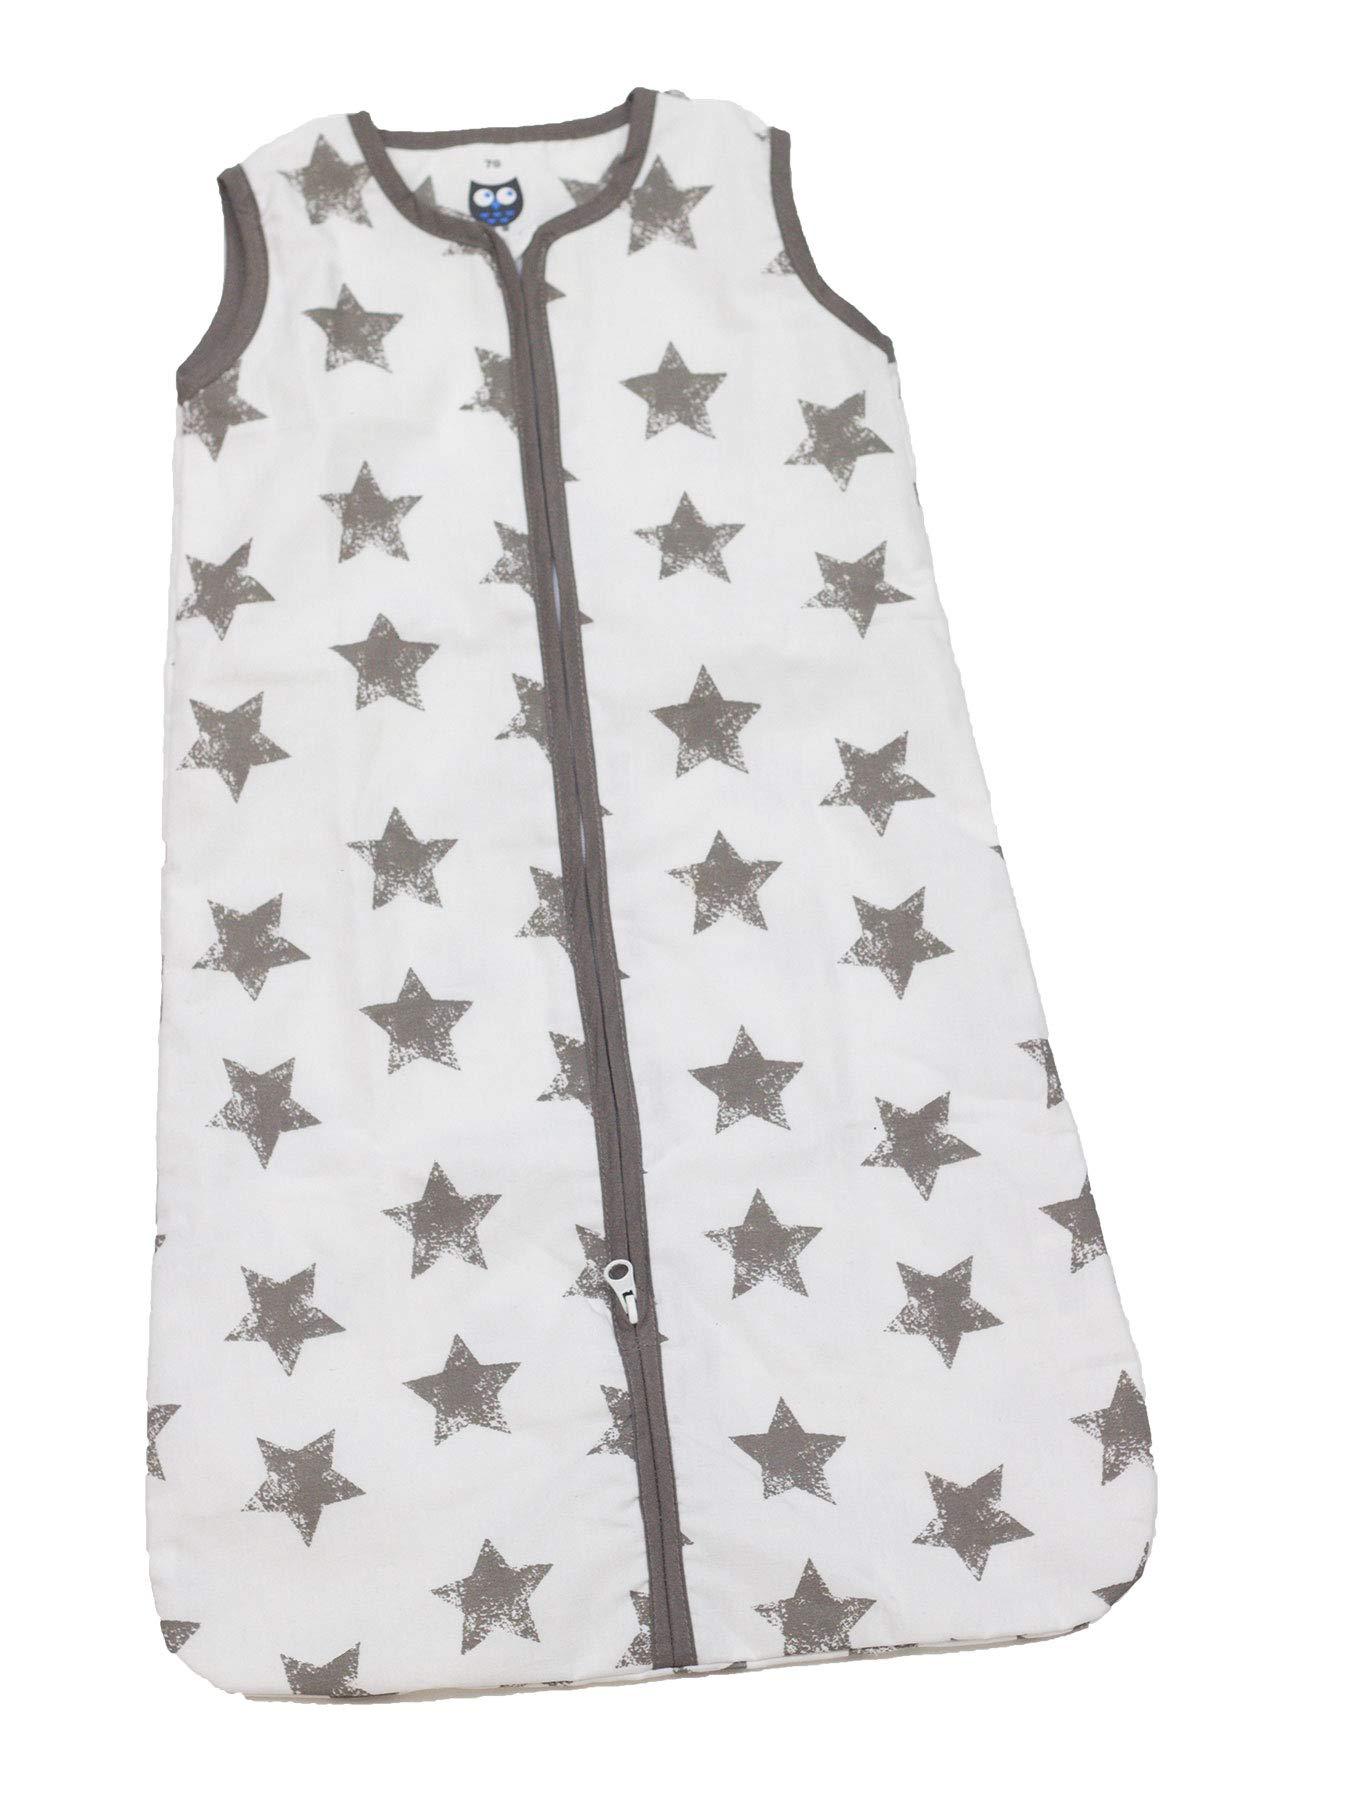 Briljant Baby – Saco de dormir de verano para su hijo (110 cm, con cremallera), color gris